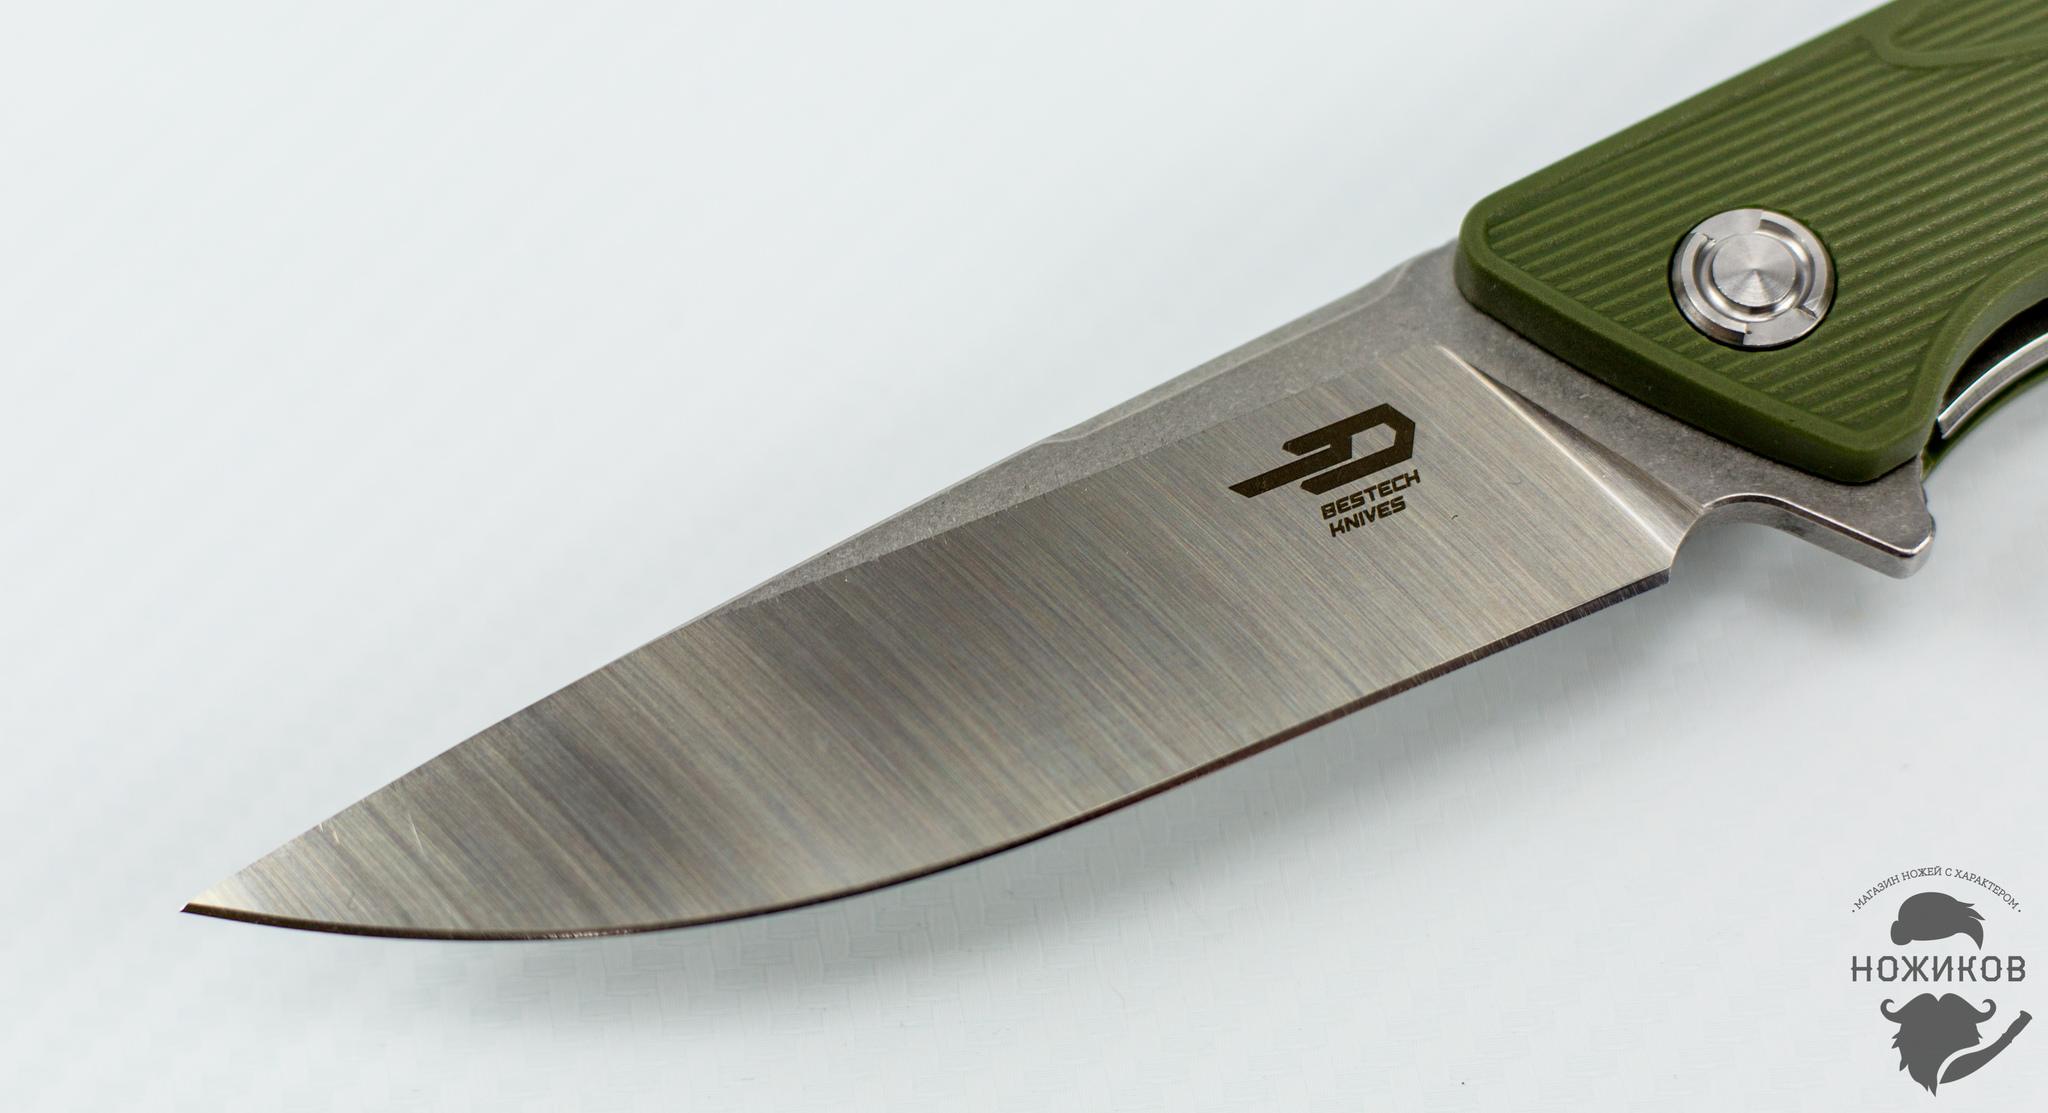 Фото 8 - Складной нож Bestech Spike BG09B-2, сталь Sandvik 12C27 от Bestech Knives